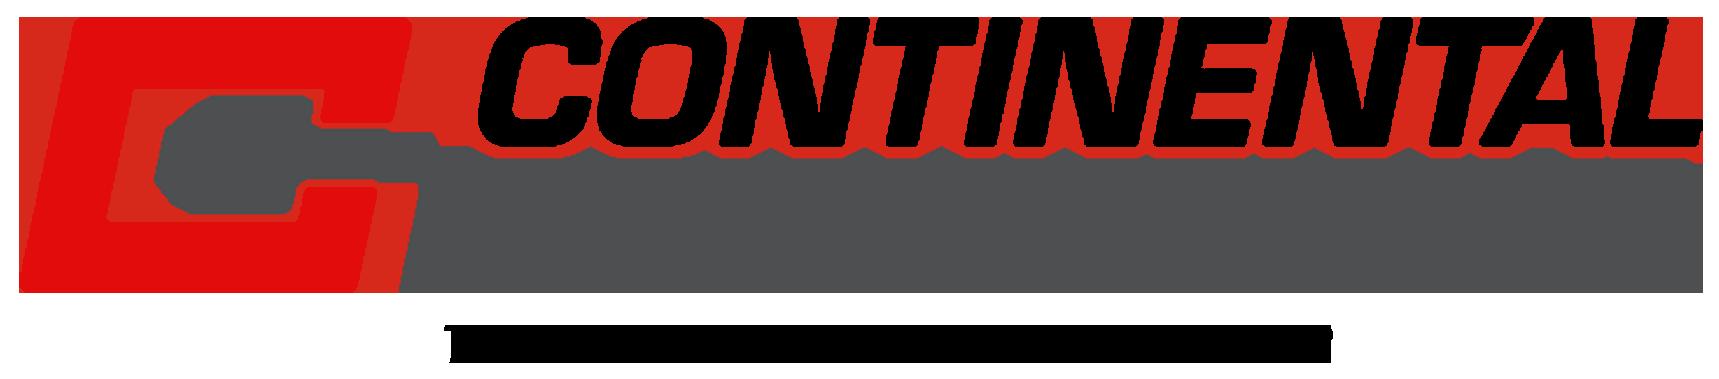 ROB106-65002-03